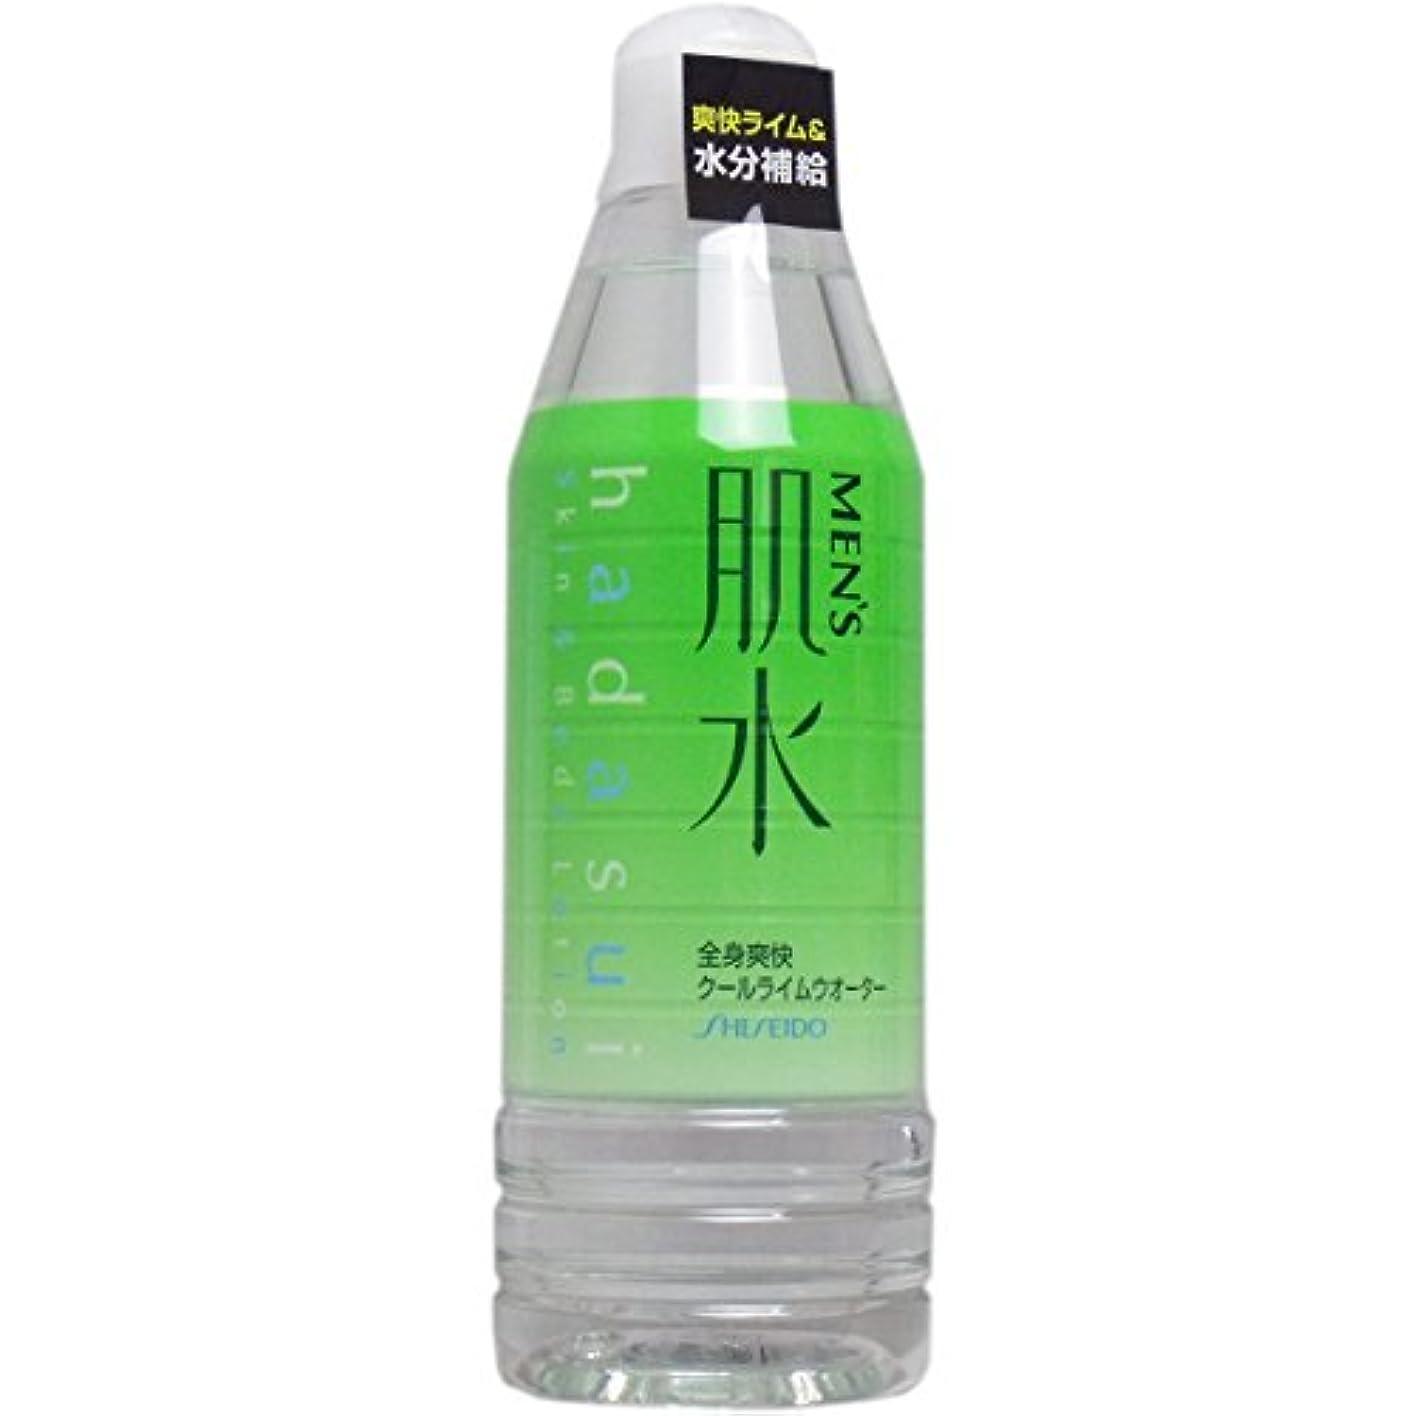 事業内容妥協周波数メンズ肌水 (ボトル) (3個セット)